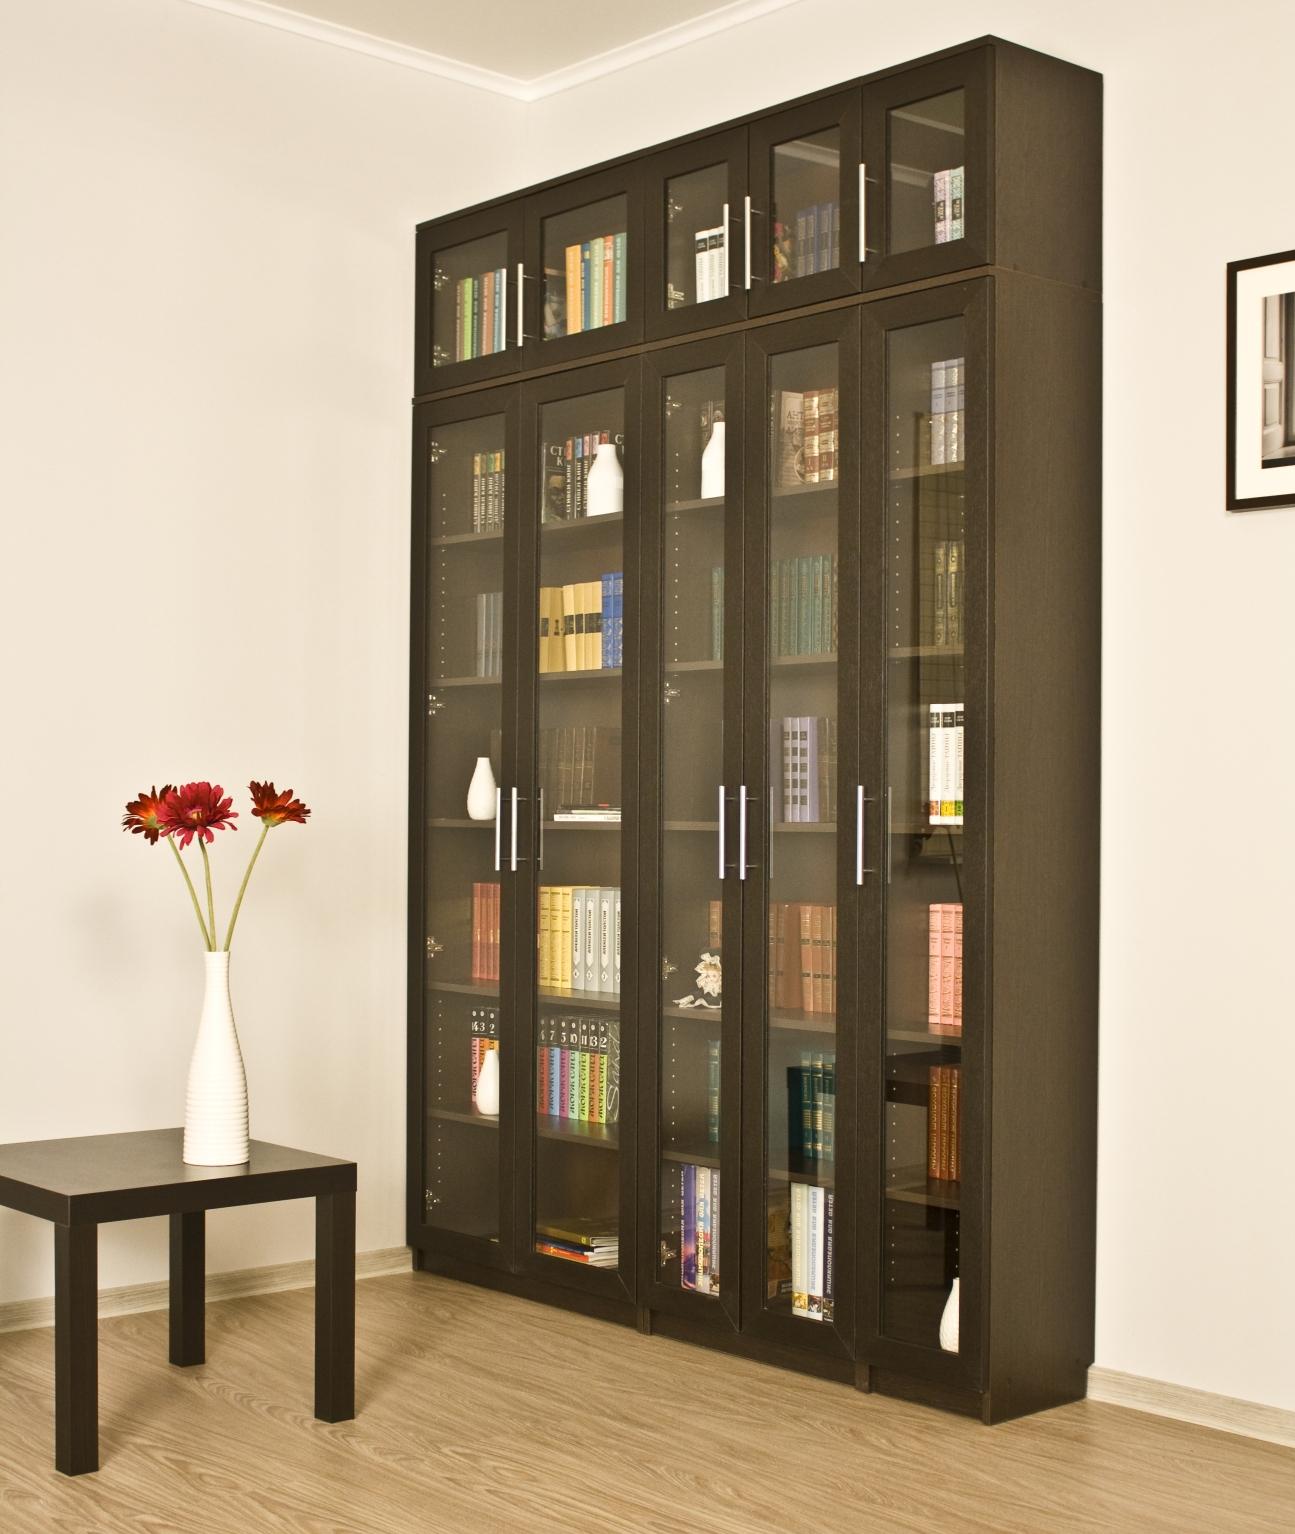 Книжные шкафы, стеллажи, полки новинки красная мебель кухни,.